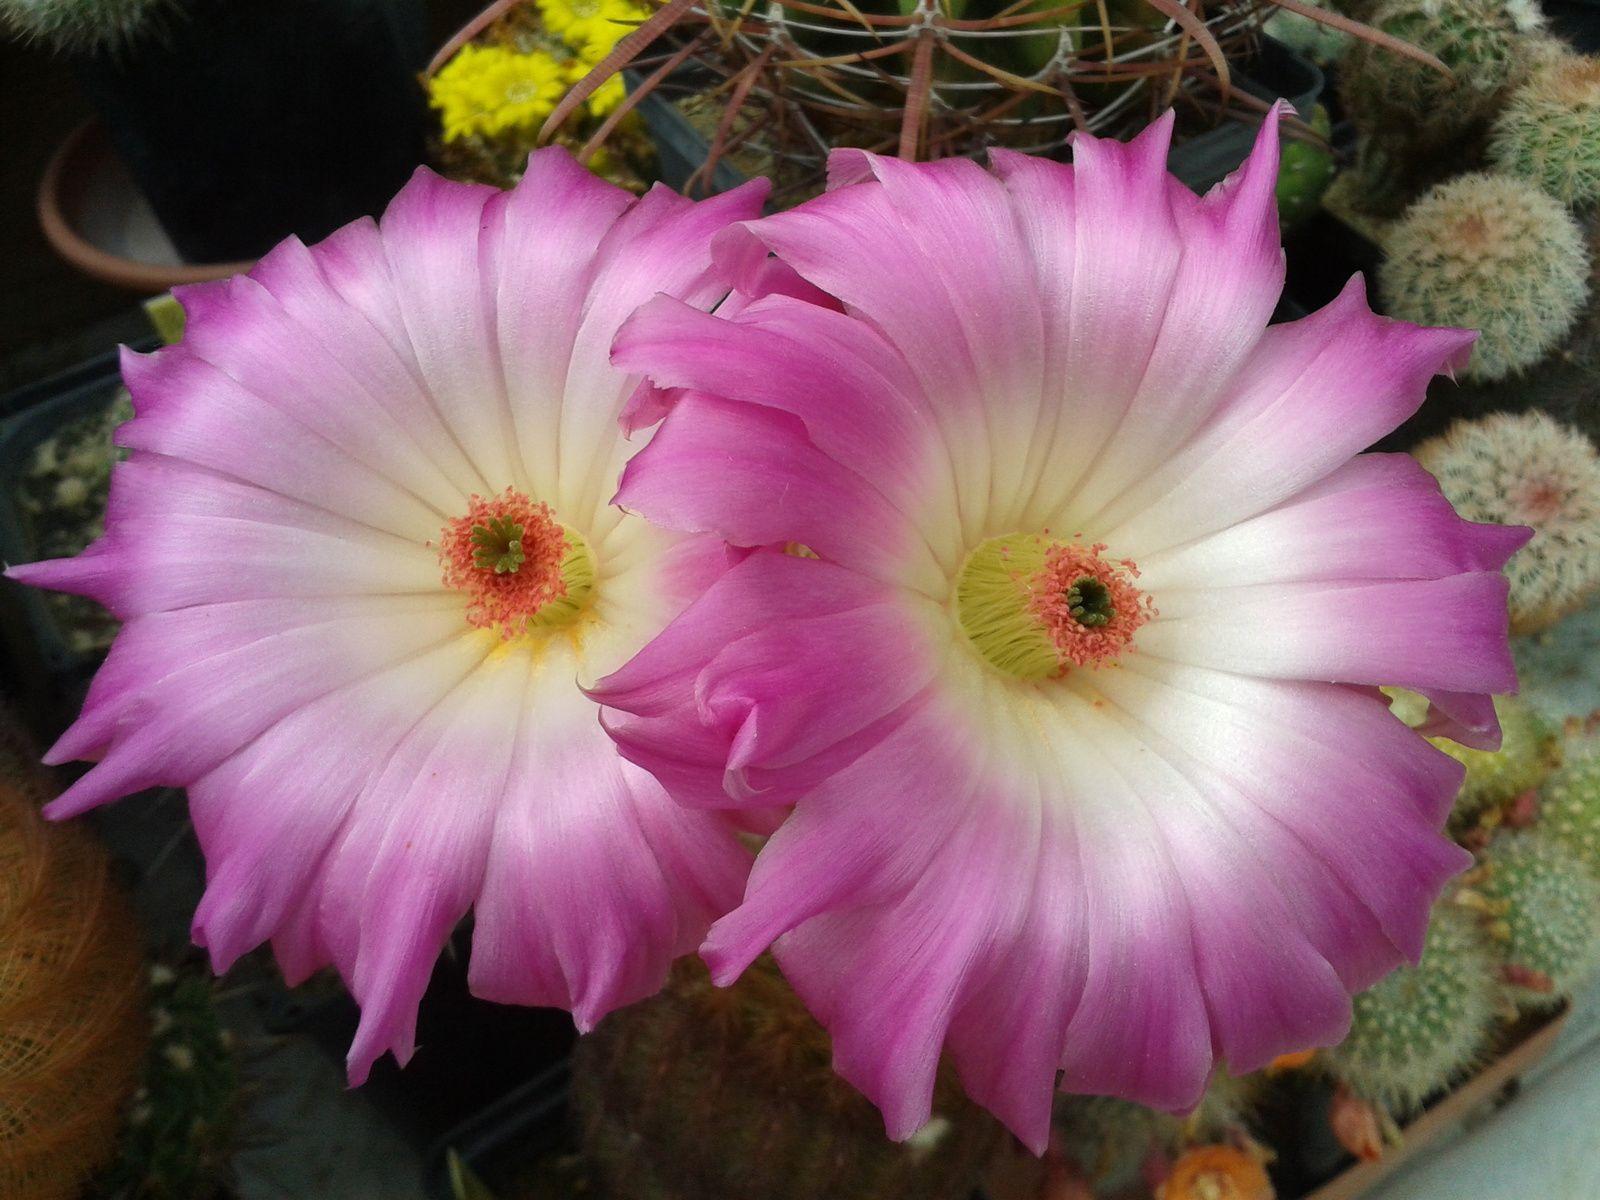 La collection végétale contribue à la préservation et à la dissémination des espèces végétales!...